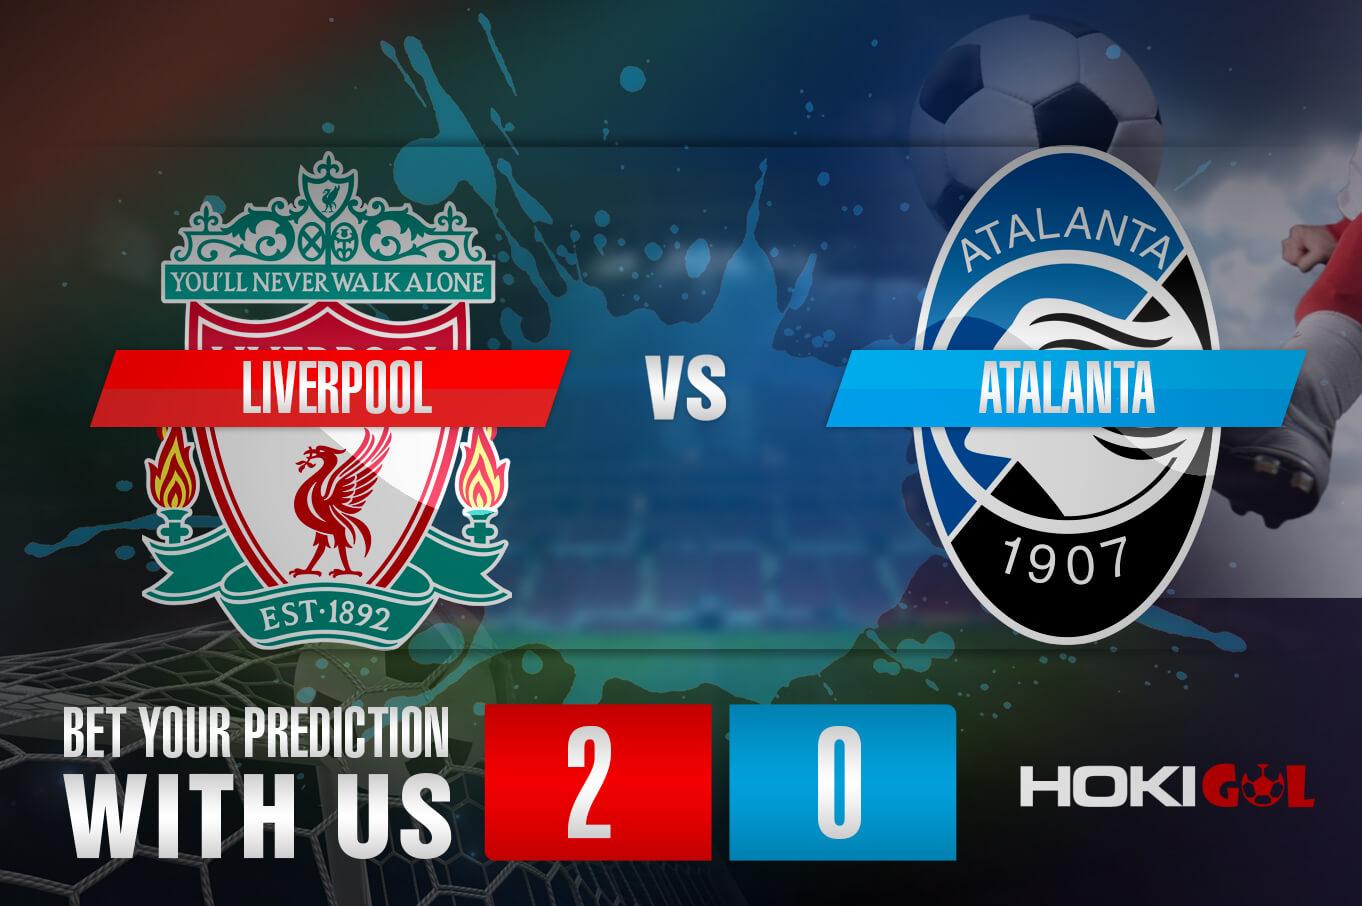 Prediksi Bola Liverpool Vs Atalanta 26 November 2020